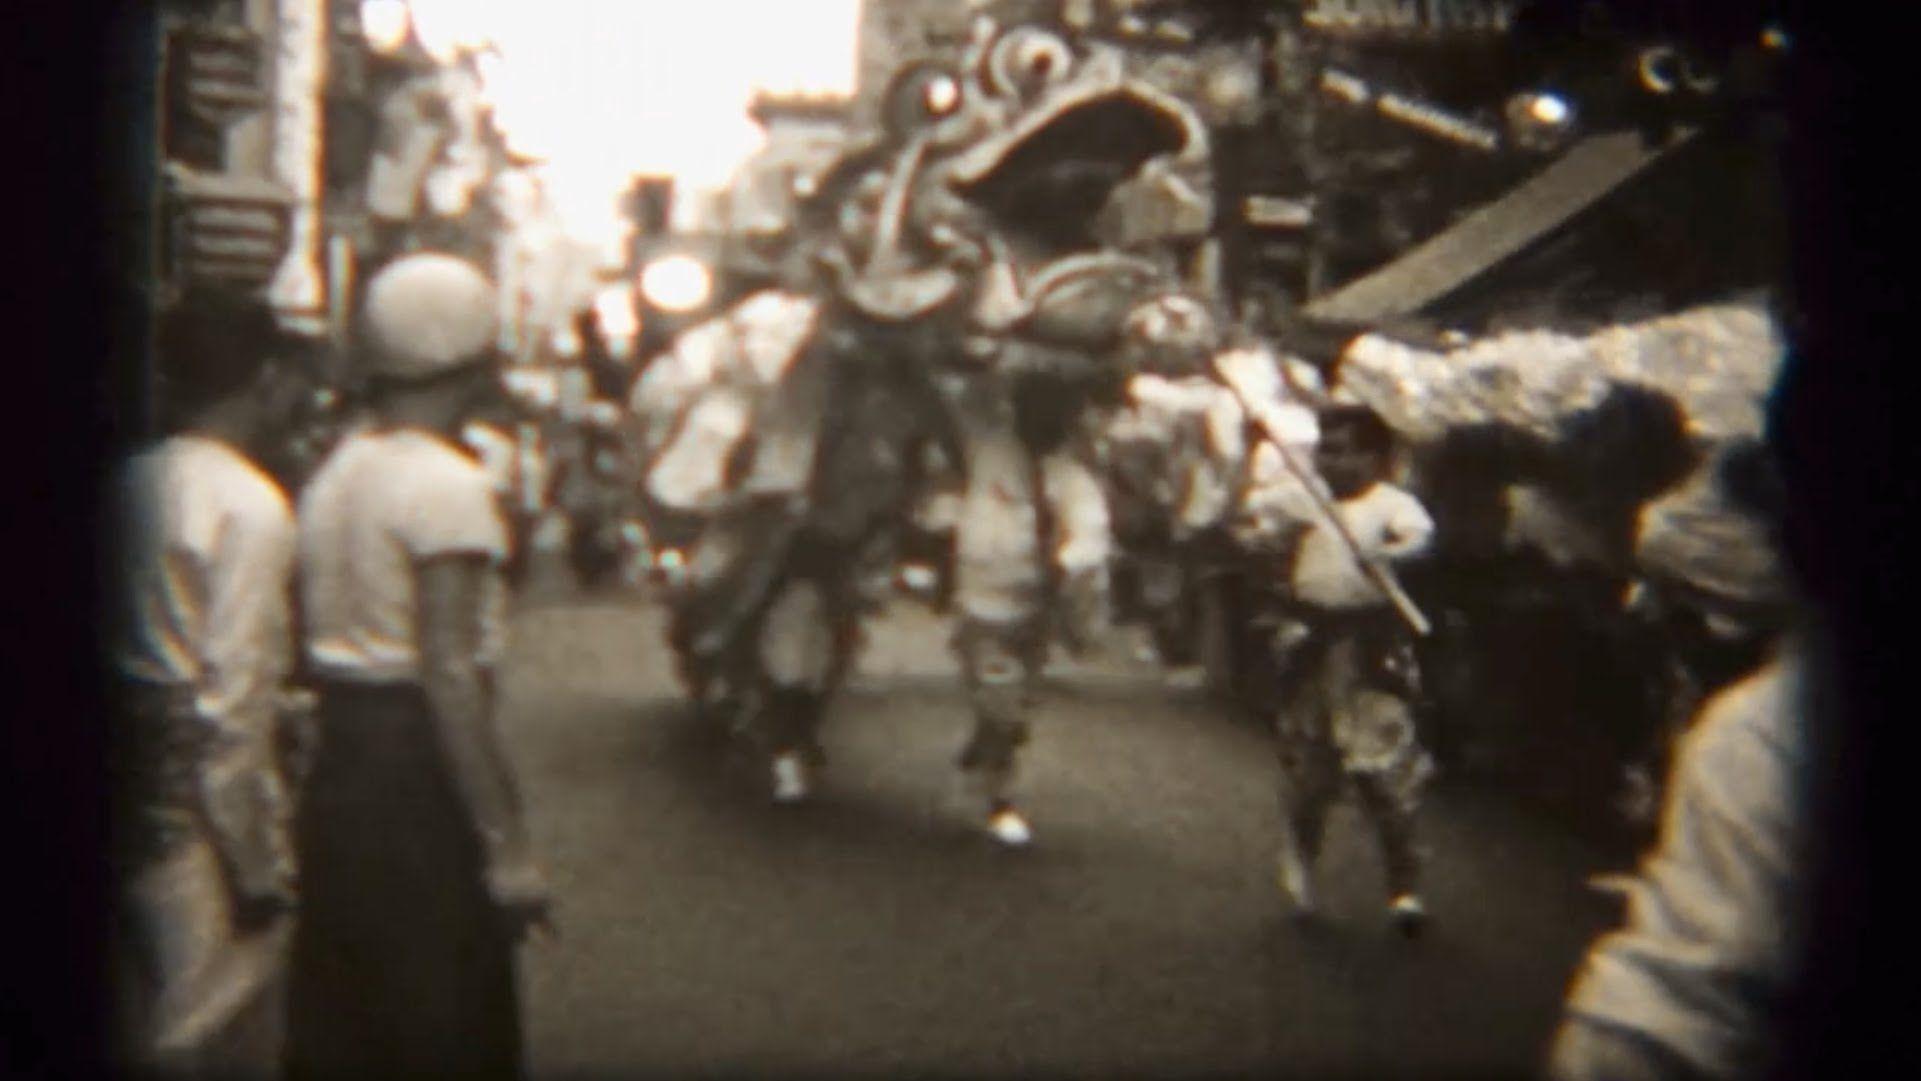 Chinese New Year Parade 2012 New York City Chinatown -